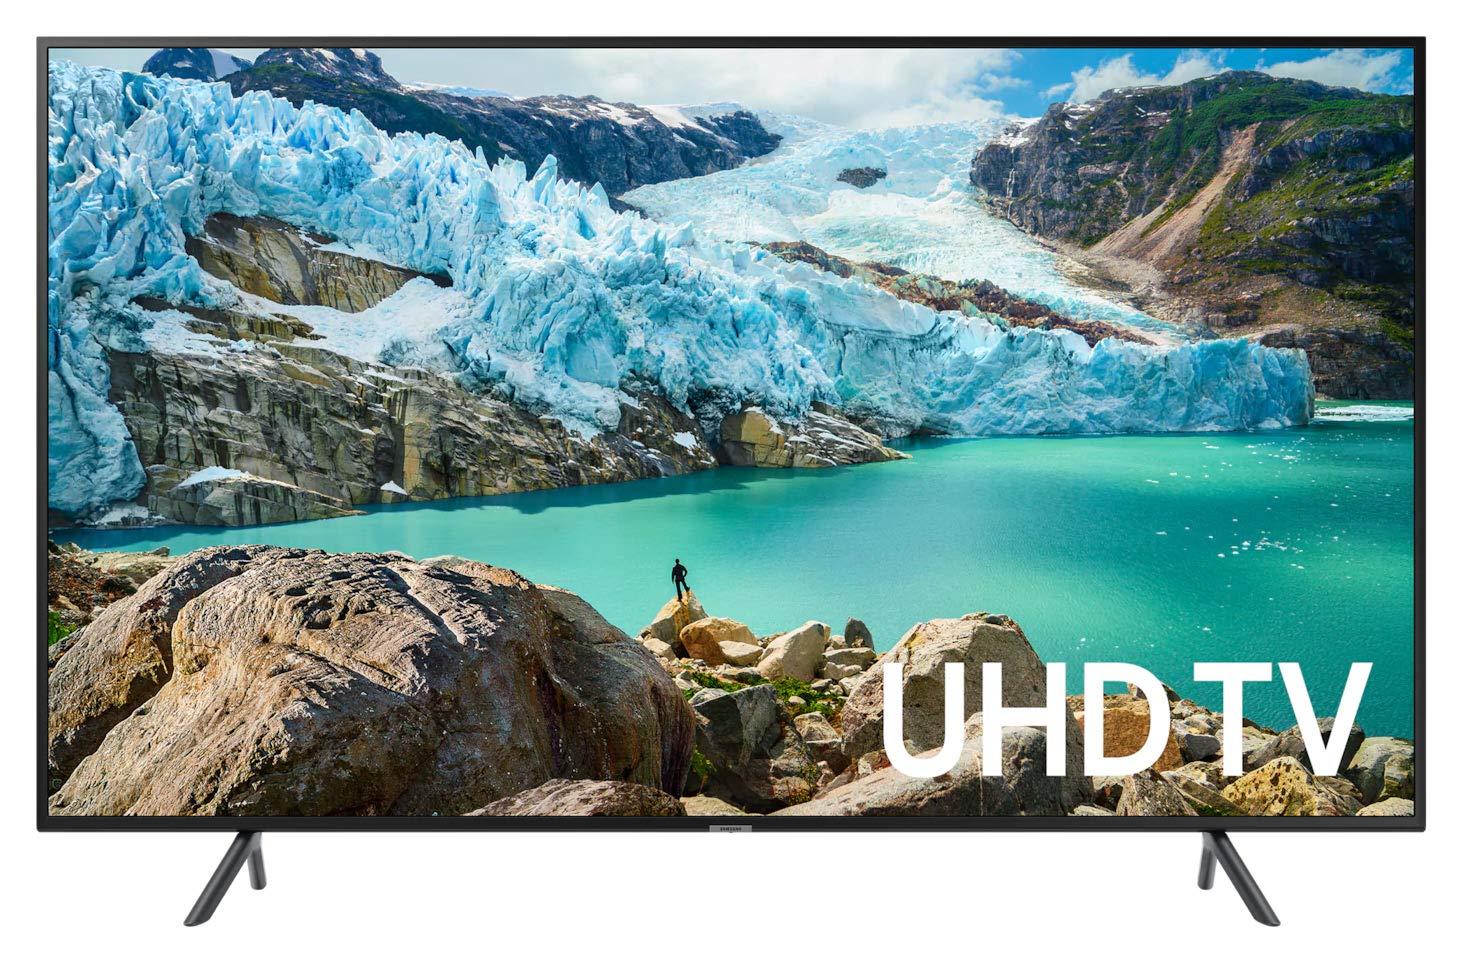 """TV 55"""" Samsung UE55RU7172 - LED, 4K UHD, HDR 10+, Smart TV (Vendeur tiers)"""